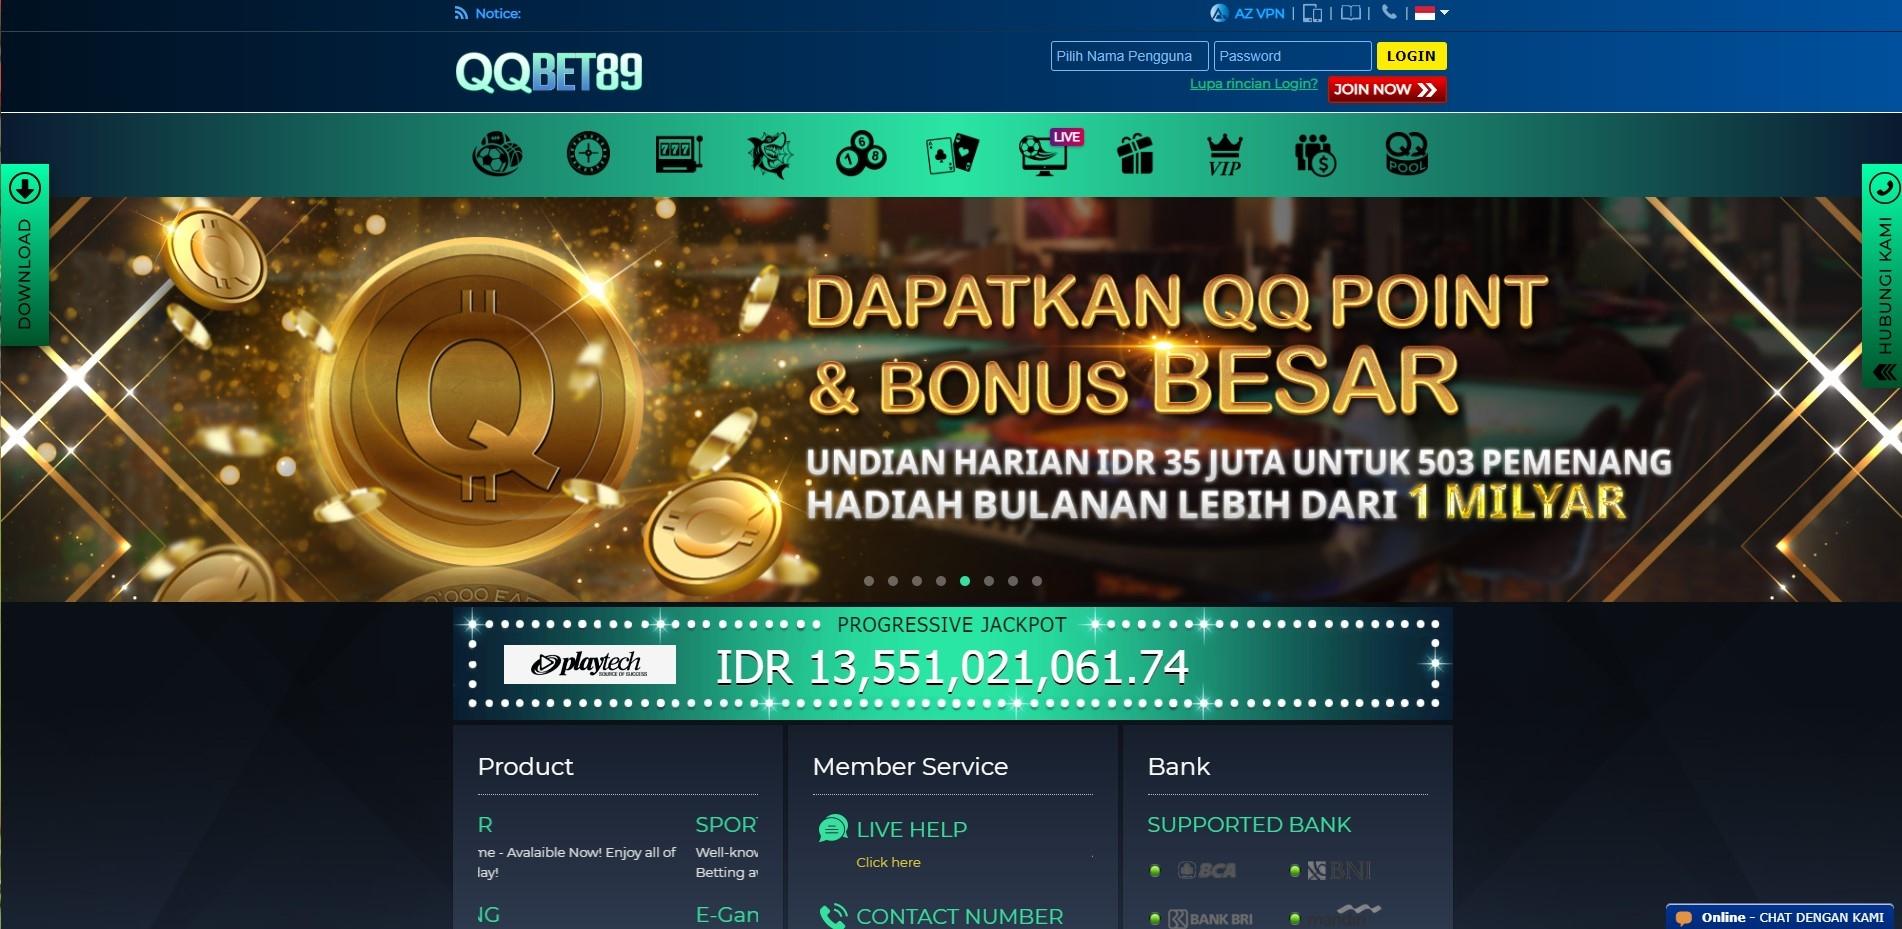 Situs Bandar Judi Slot Online Resmi Terpercaya QQB (@qqbet89) Cover Image